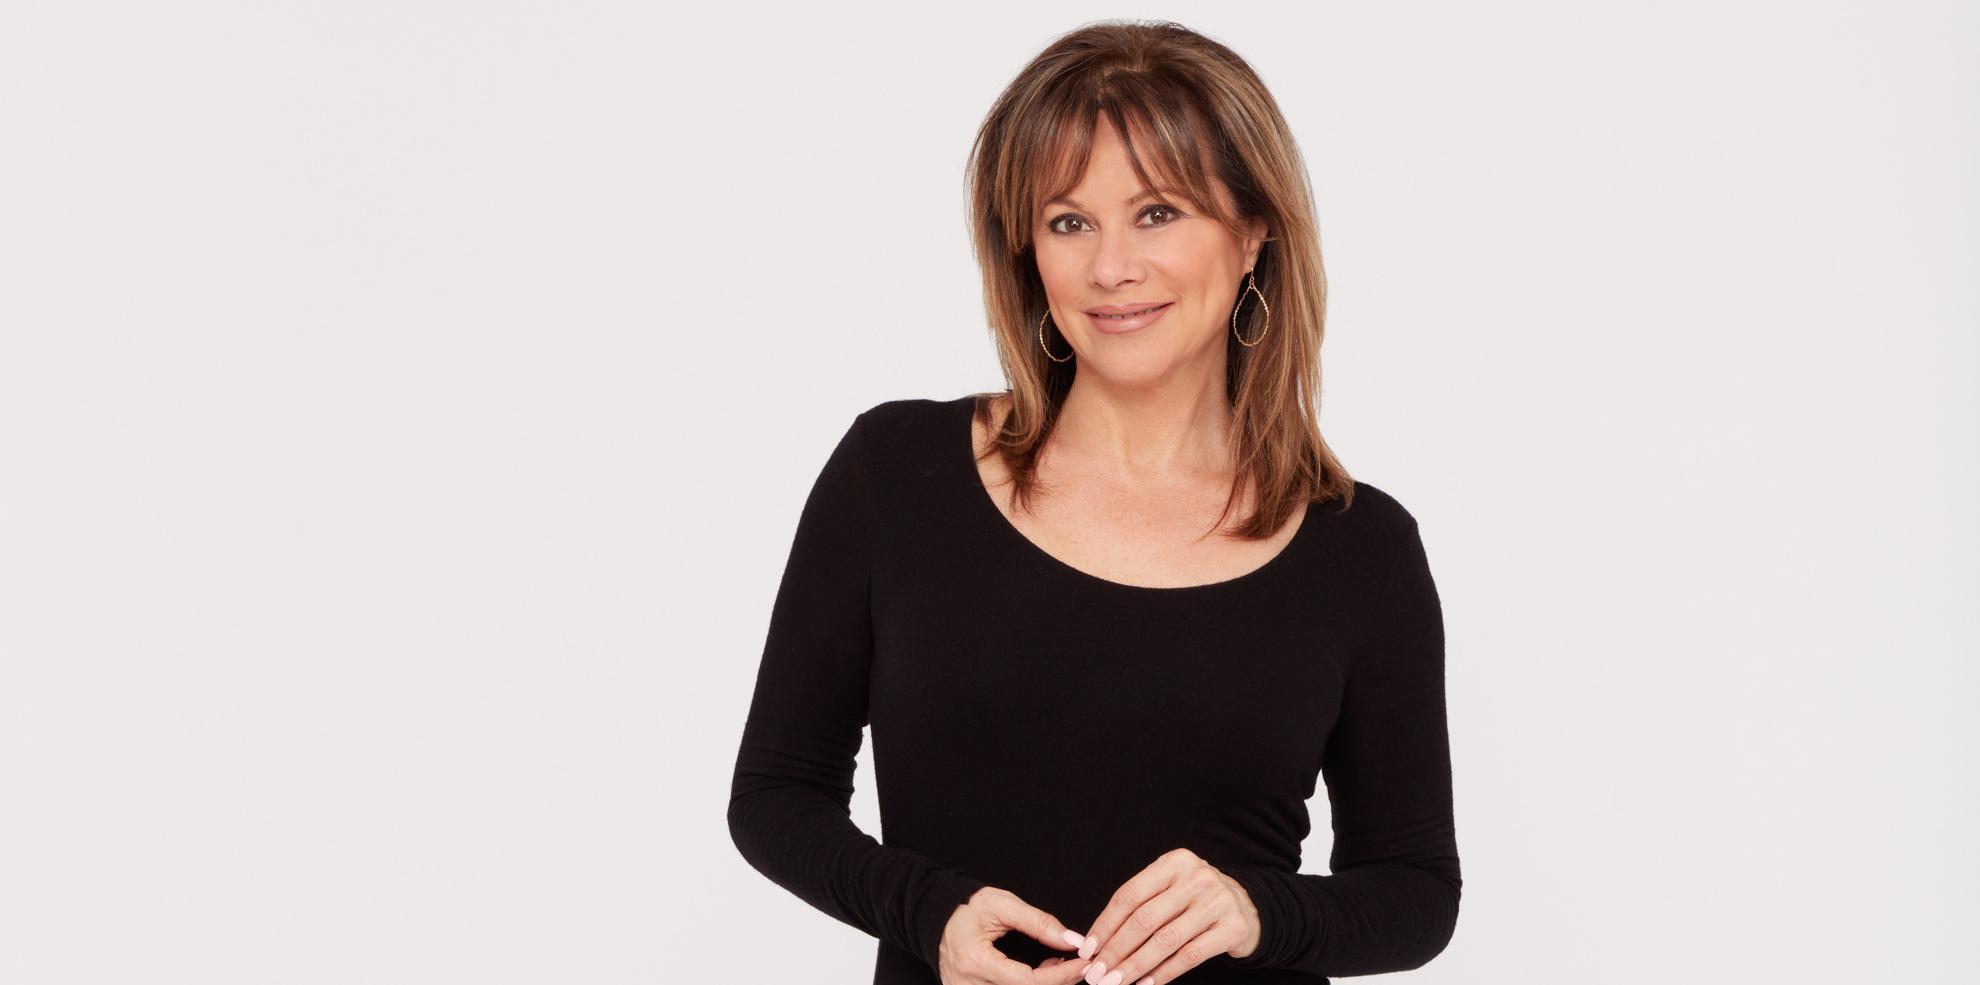 Ghs Nancy Lee Grahn Hosts East Coast Fan Events Soap Opera Digest